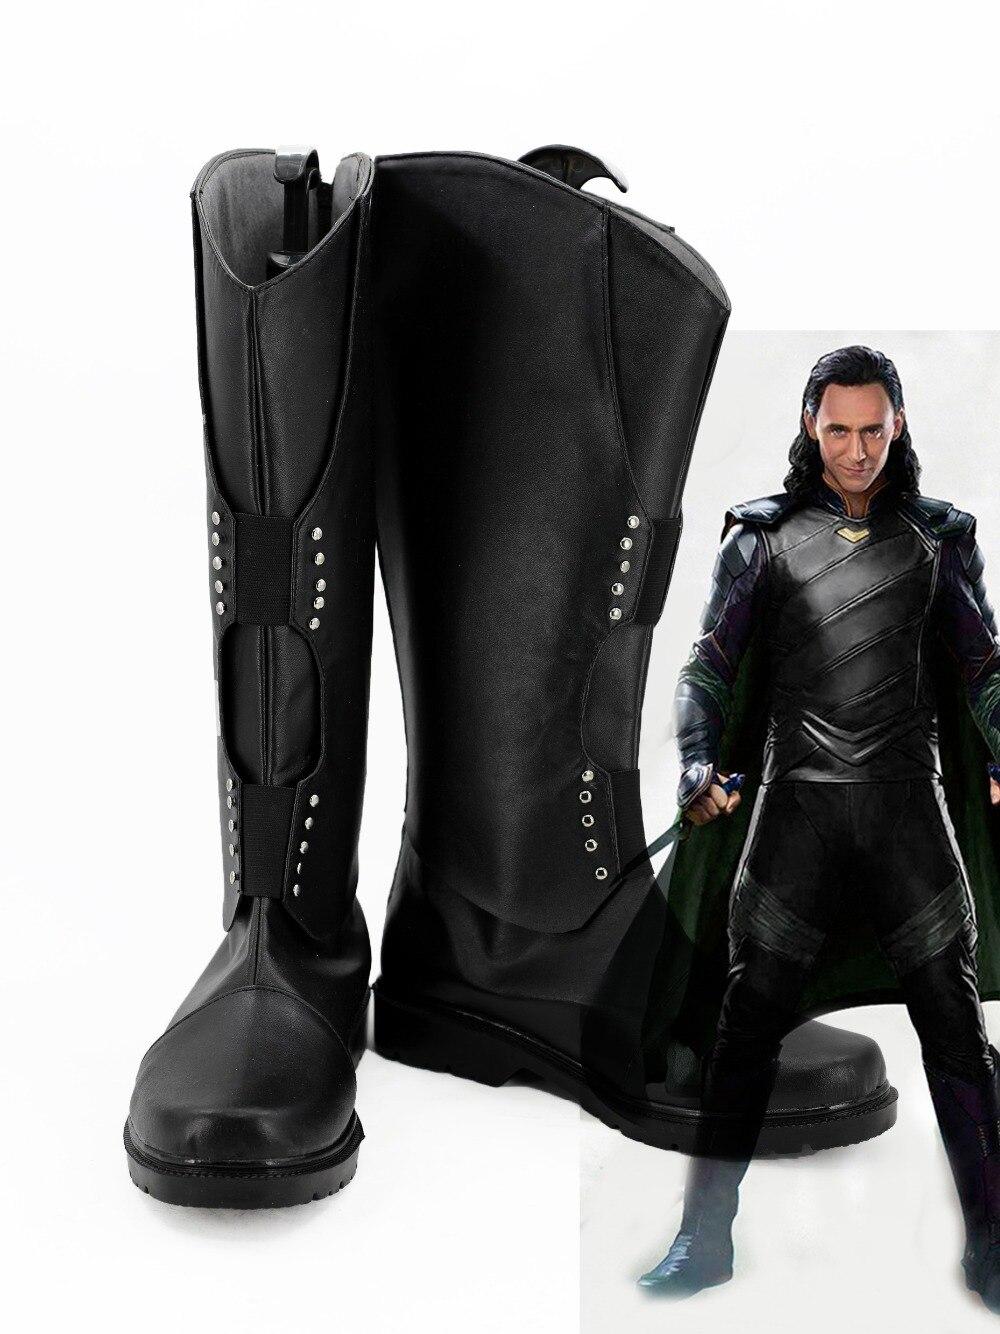 Thor 3 Ragnarok Loki Cosplay Stivali DELL'UNITÀ di ELABORAZIONE Leahter Scarpe Su Ordine di Halloween Cosplay